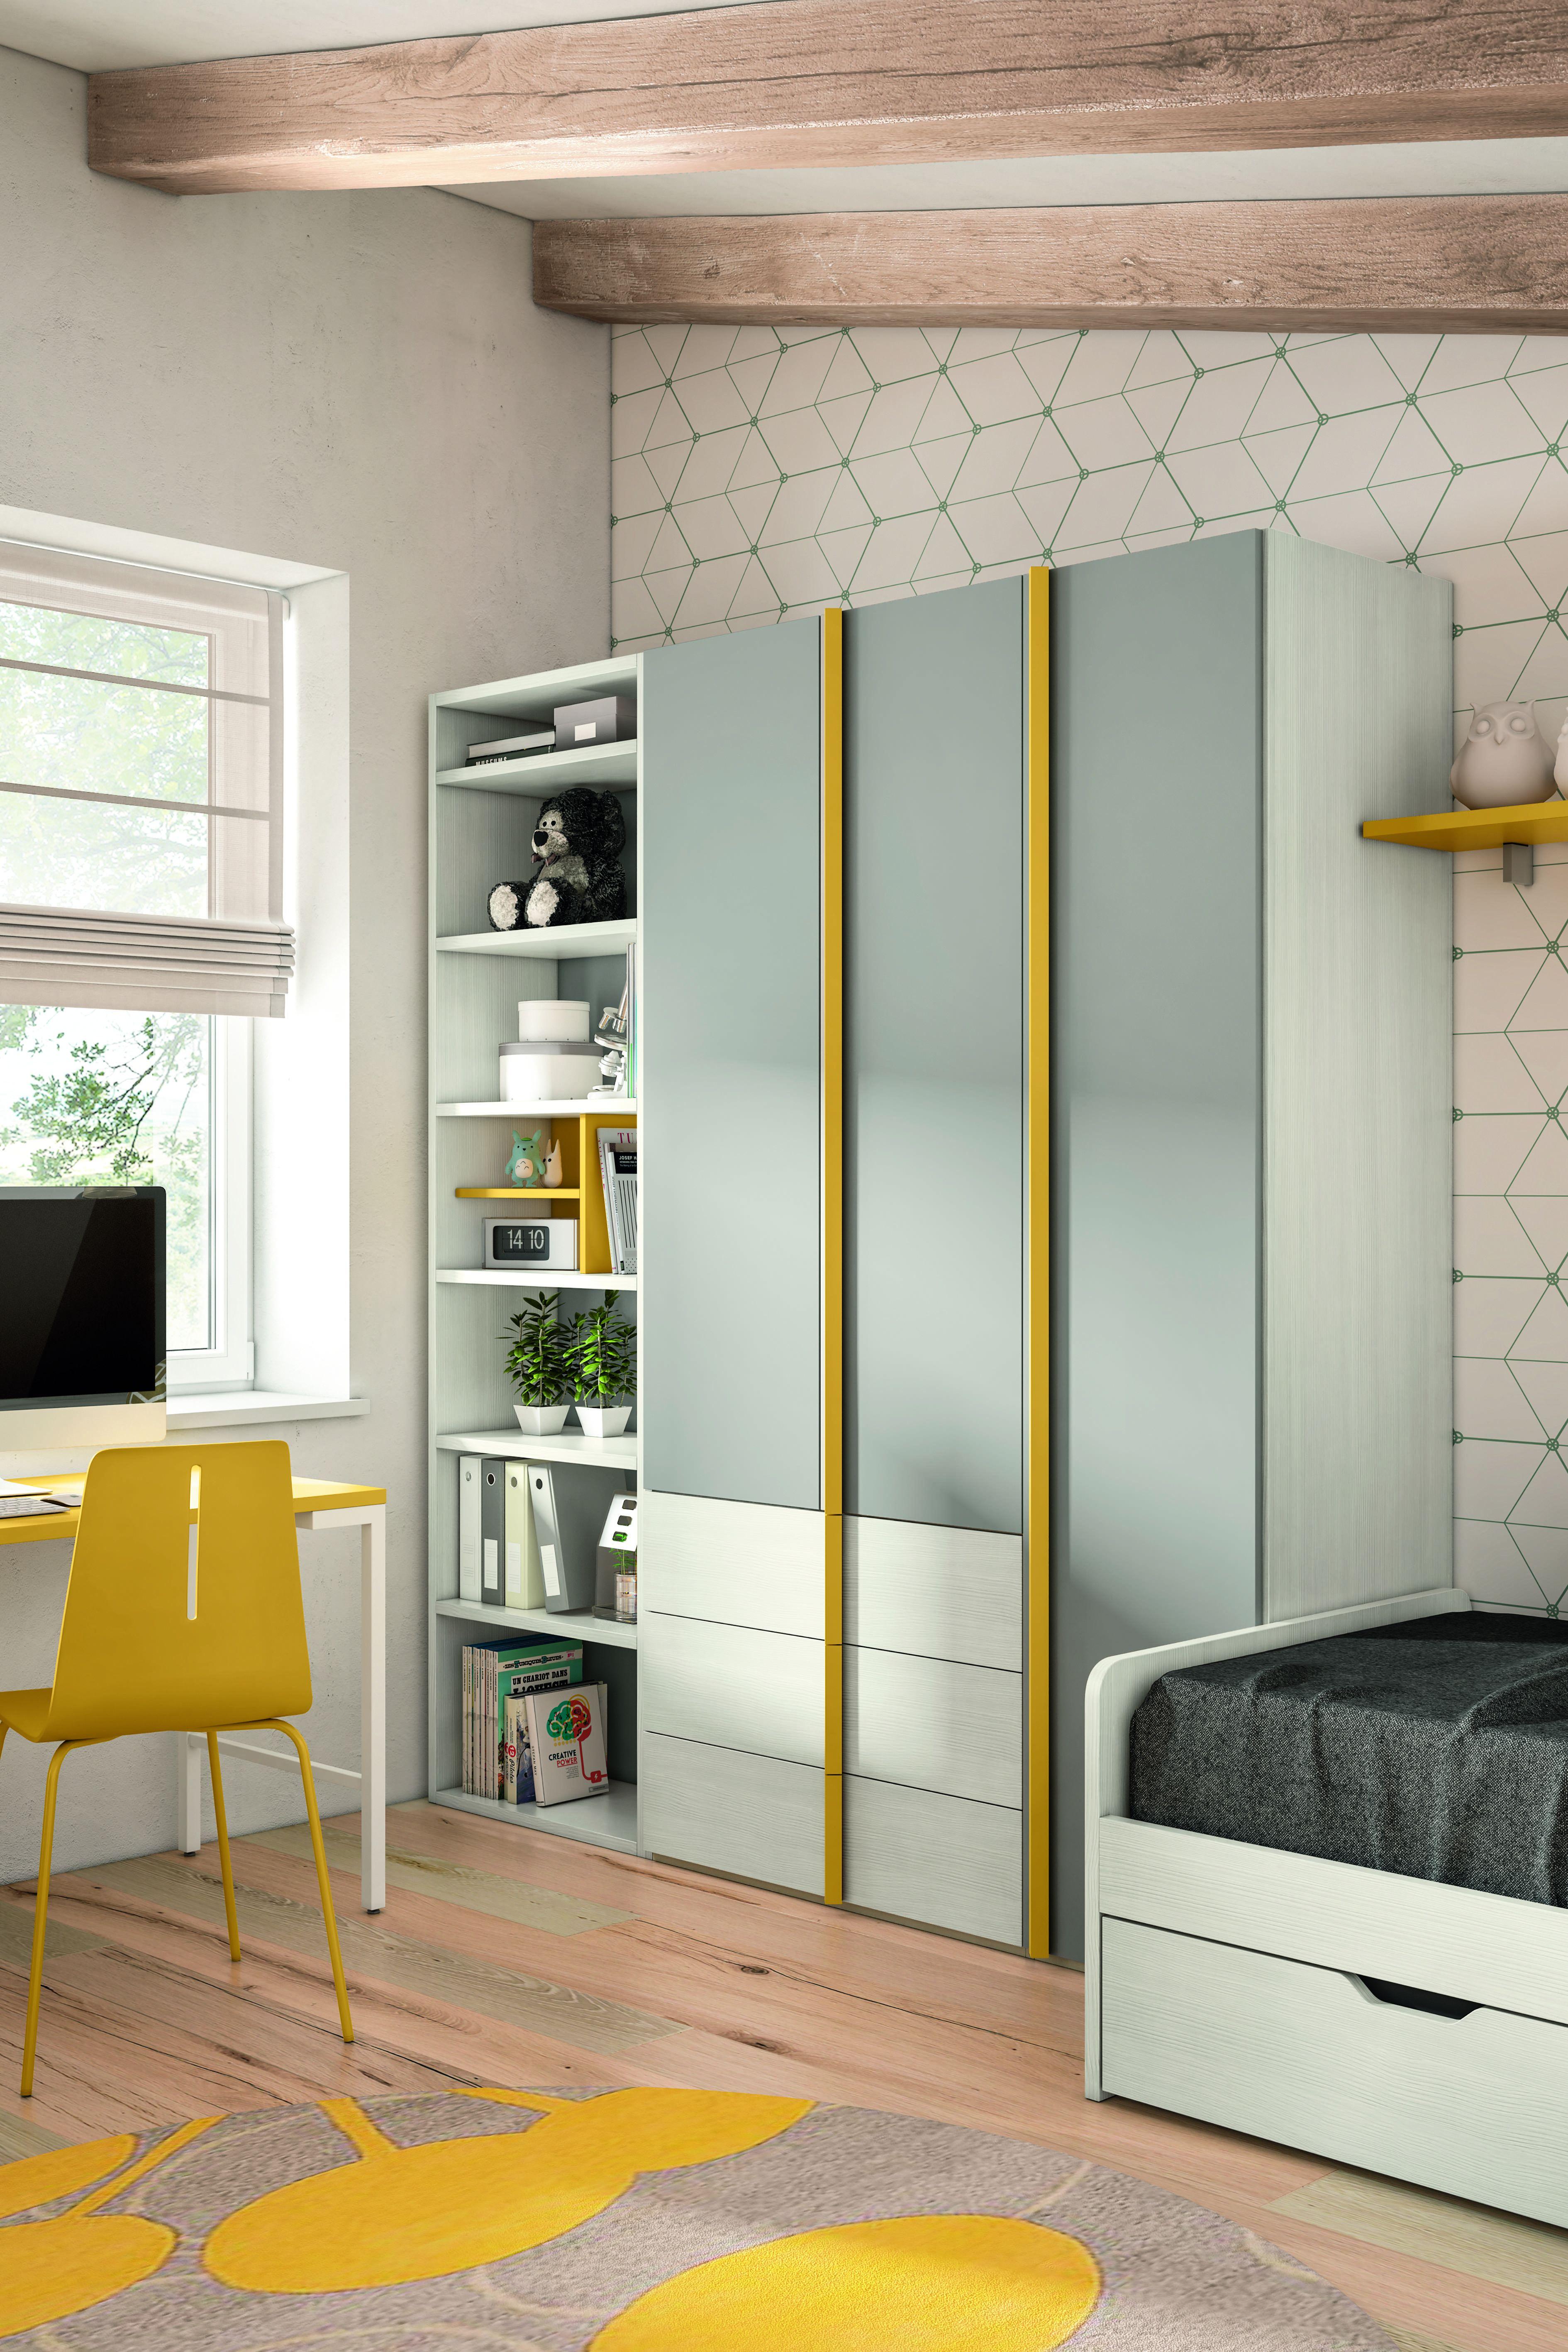 Vendita mobili online - armadio tre ante e cassetti ...